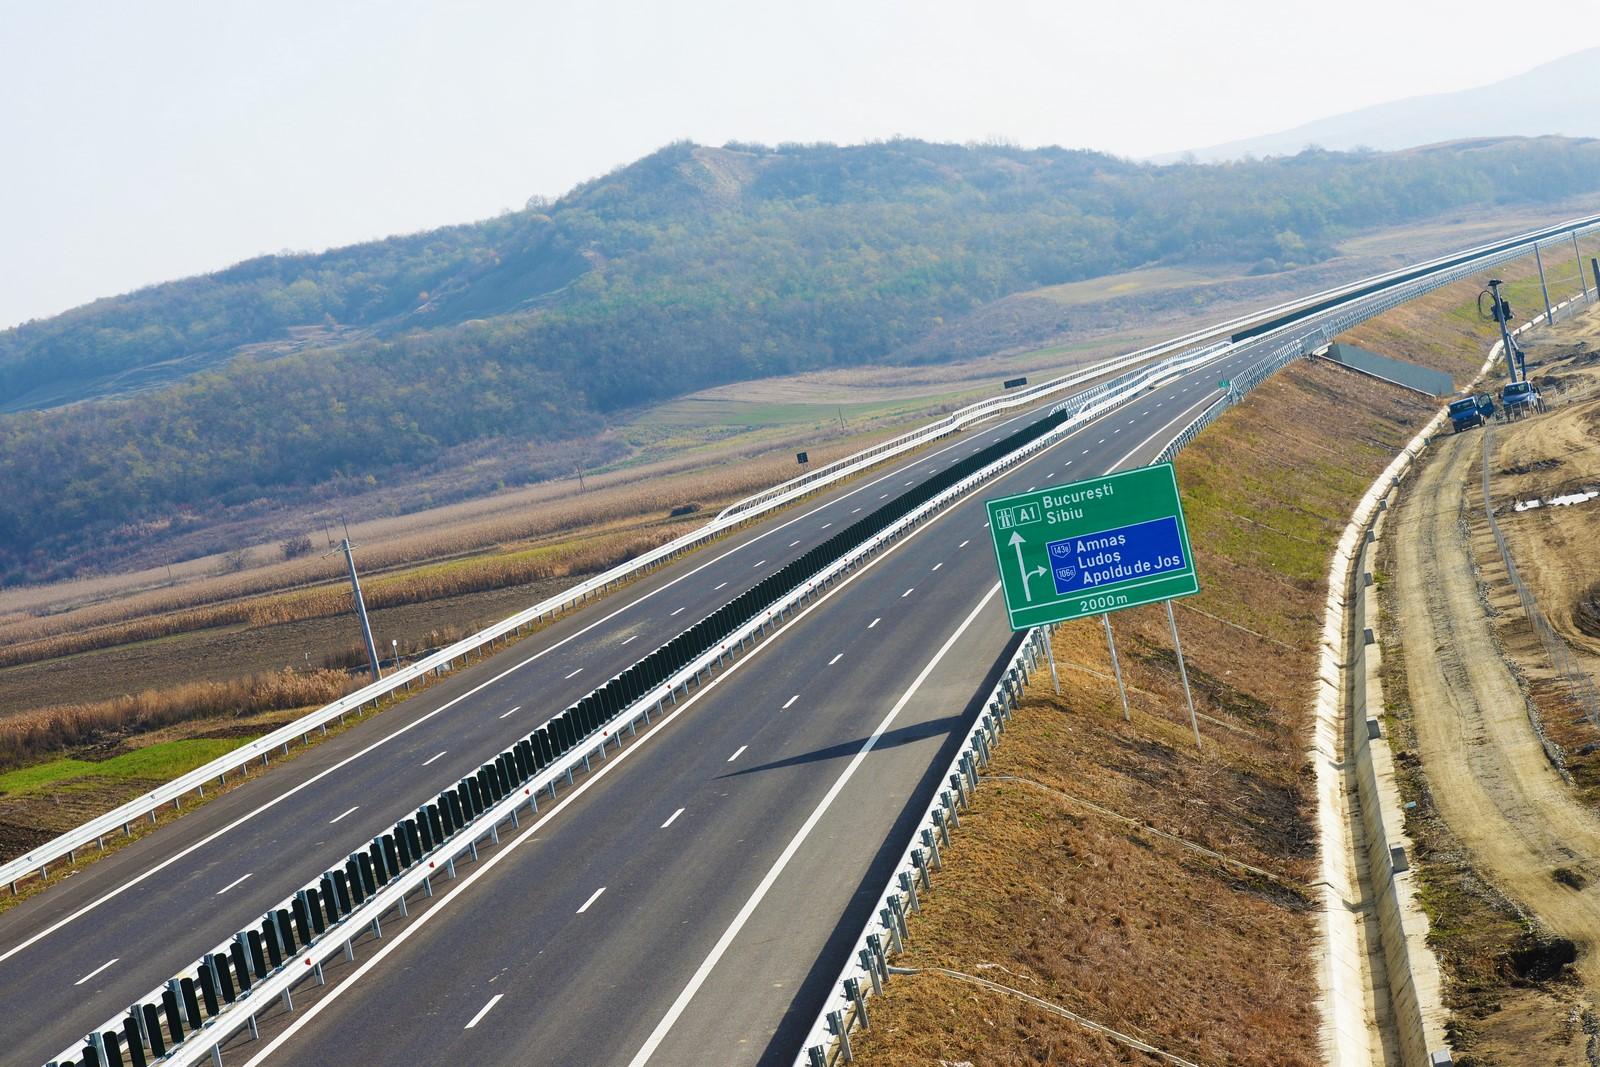 A treia autostradă a Sibiului, de la Boița spre Făgăraș, în consultare publică. Termen: 15 martie